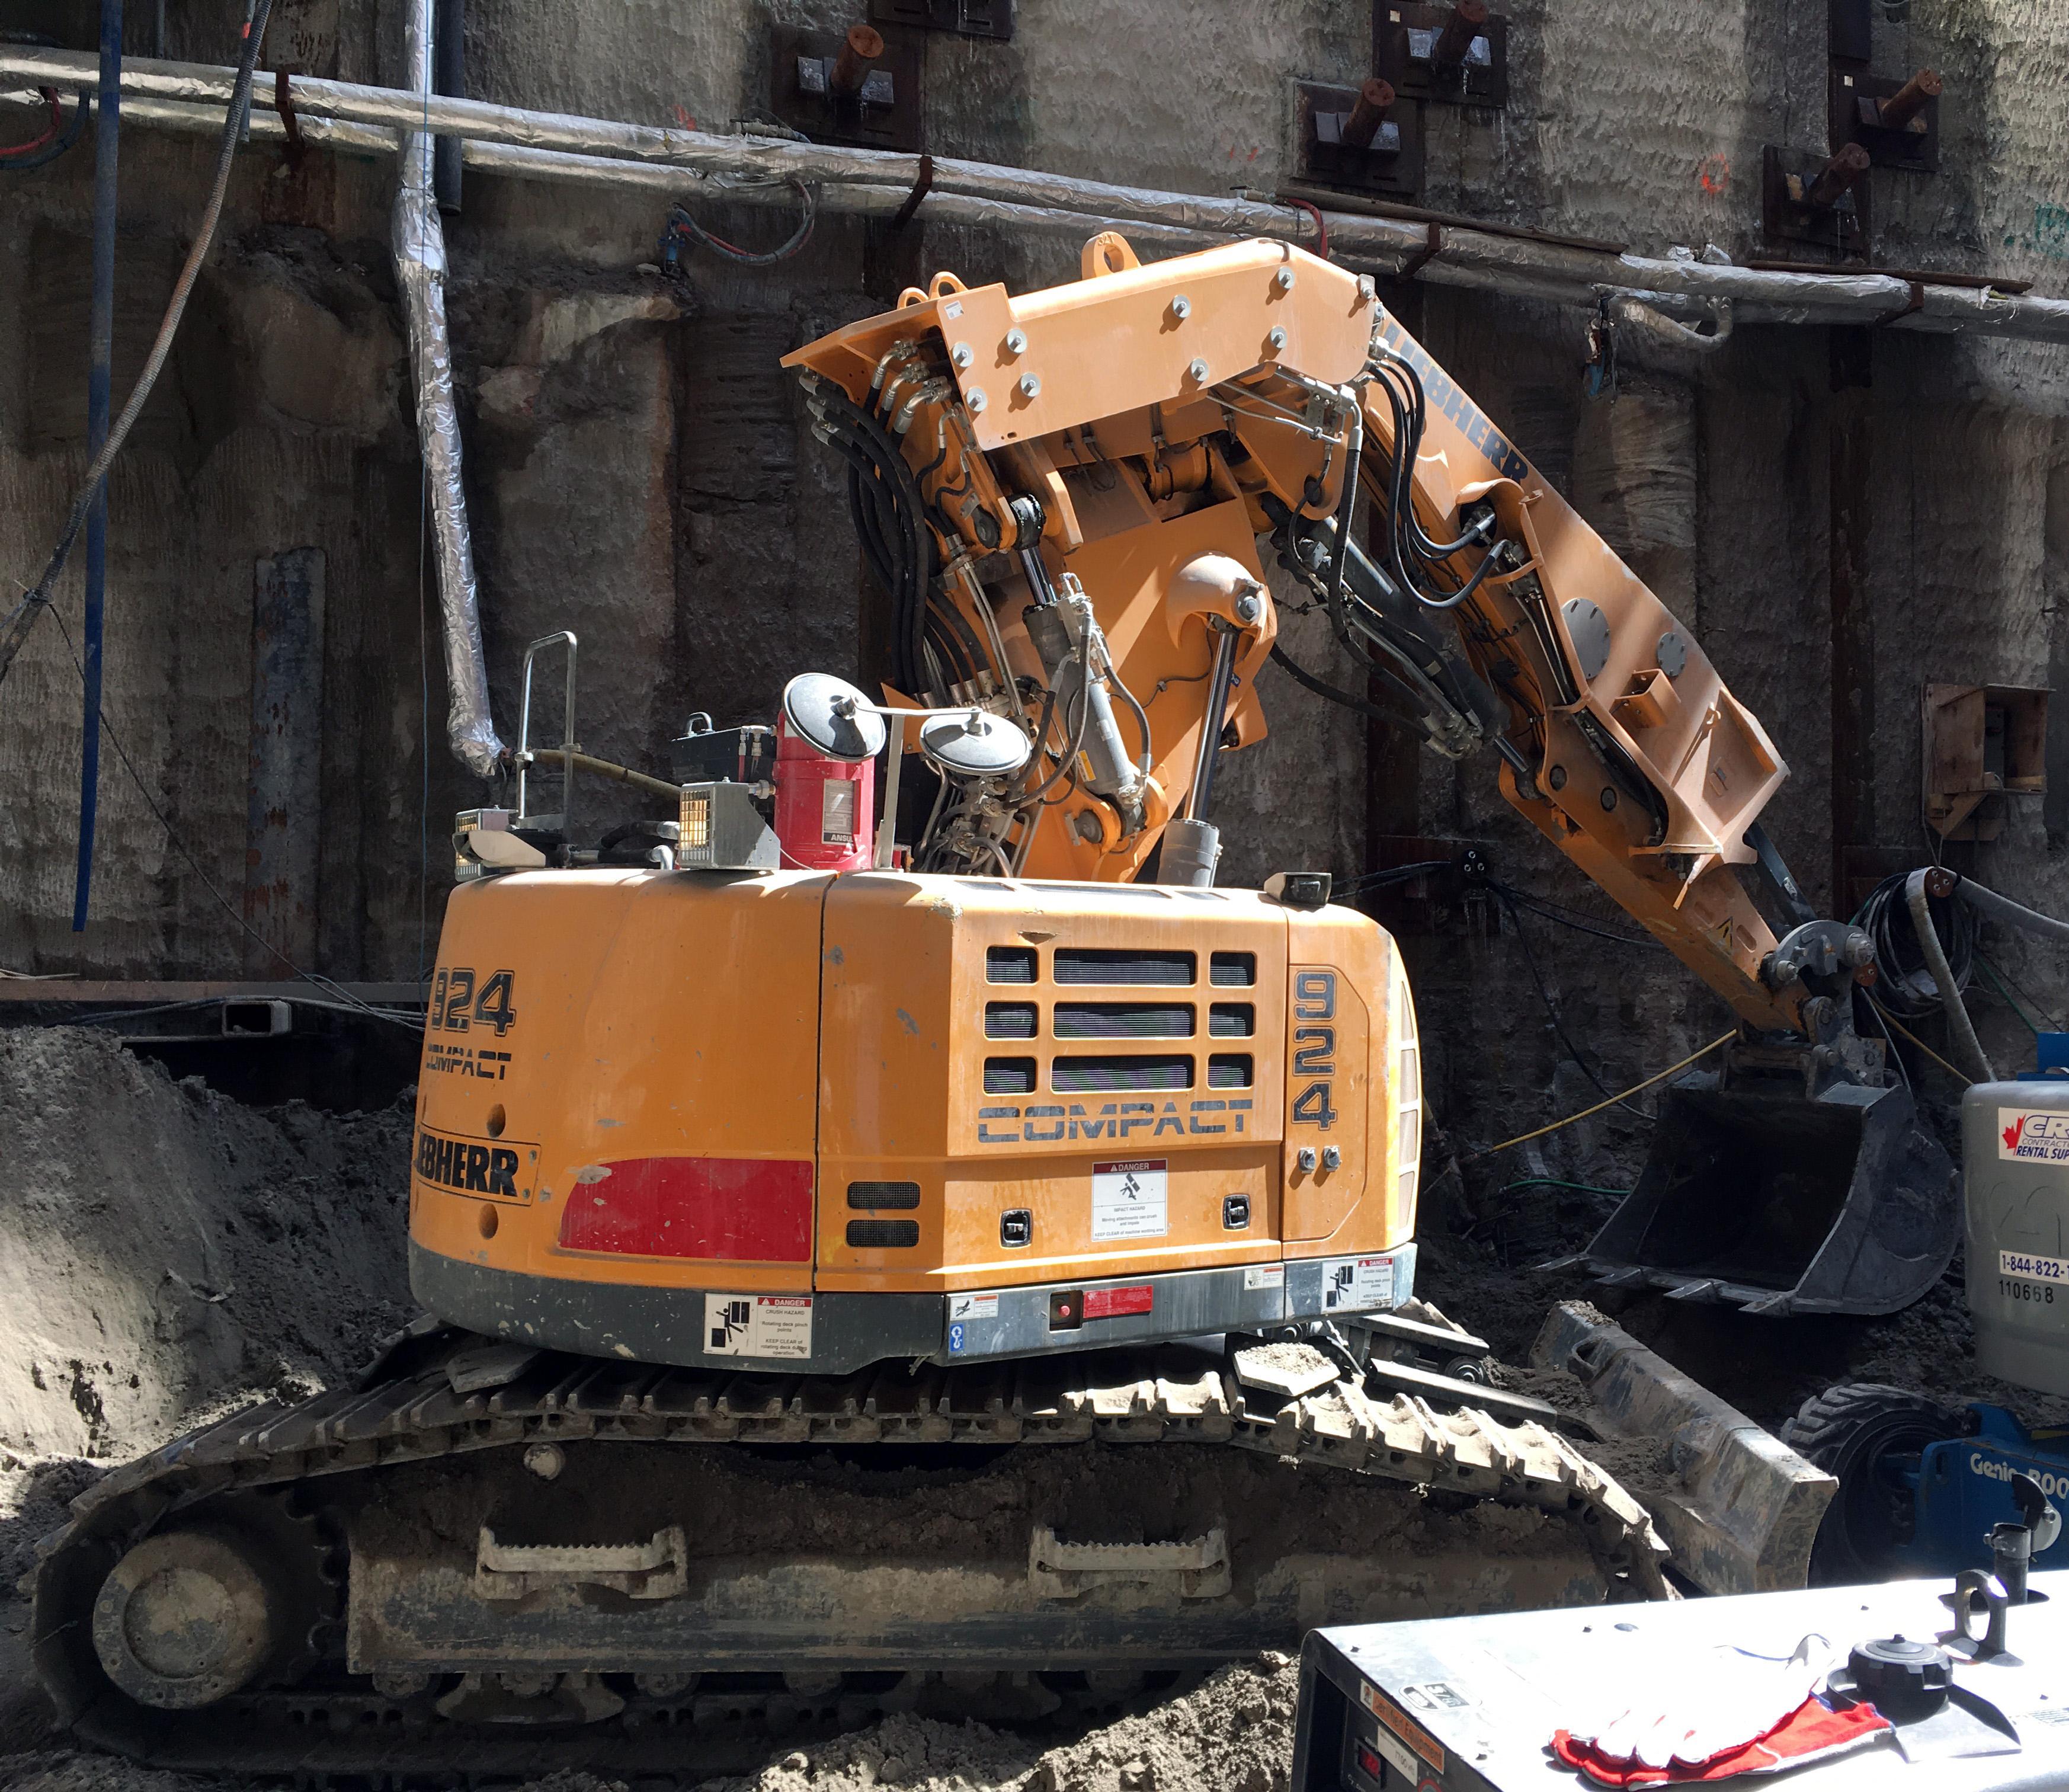 Liebherr R924 excavator